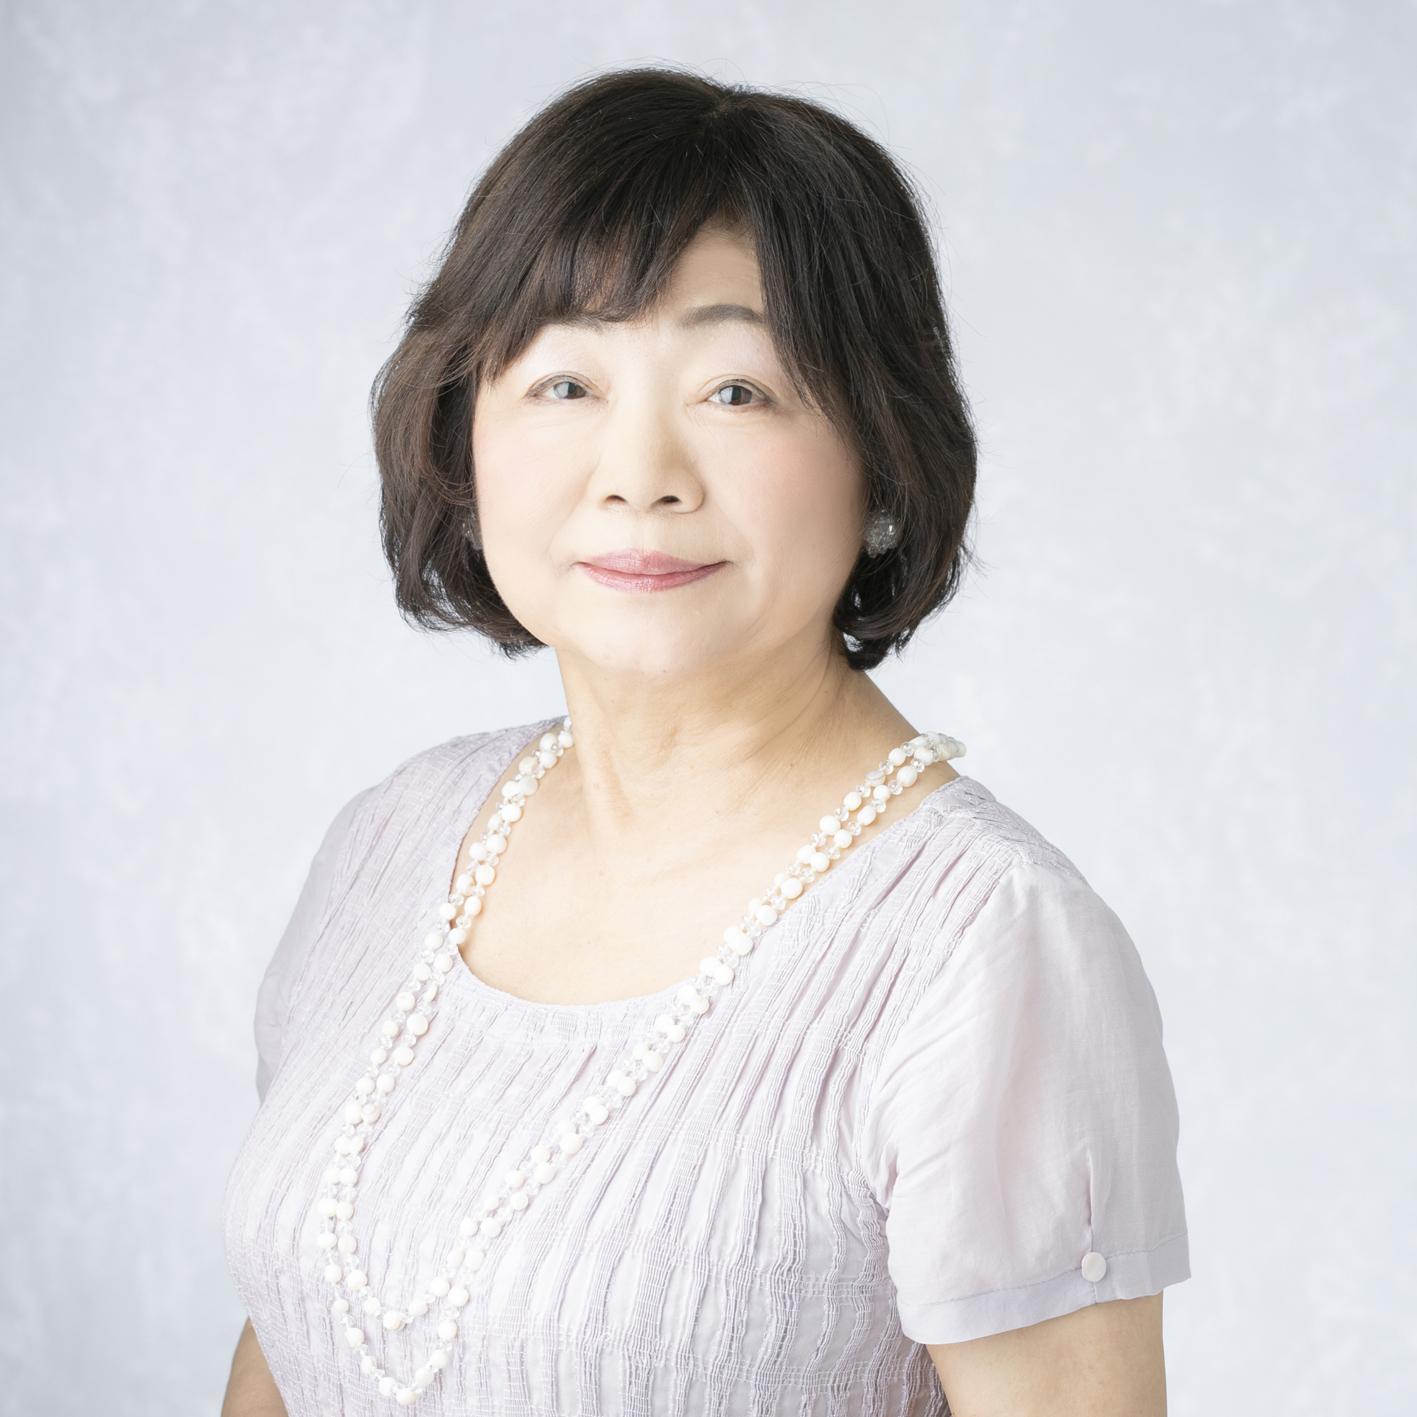 廣山千恵子